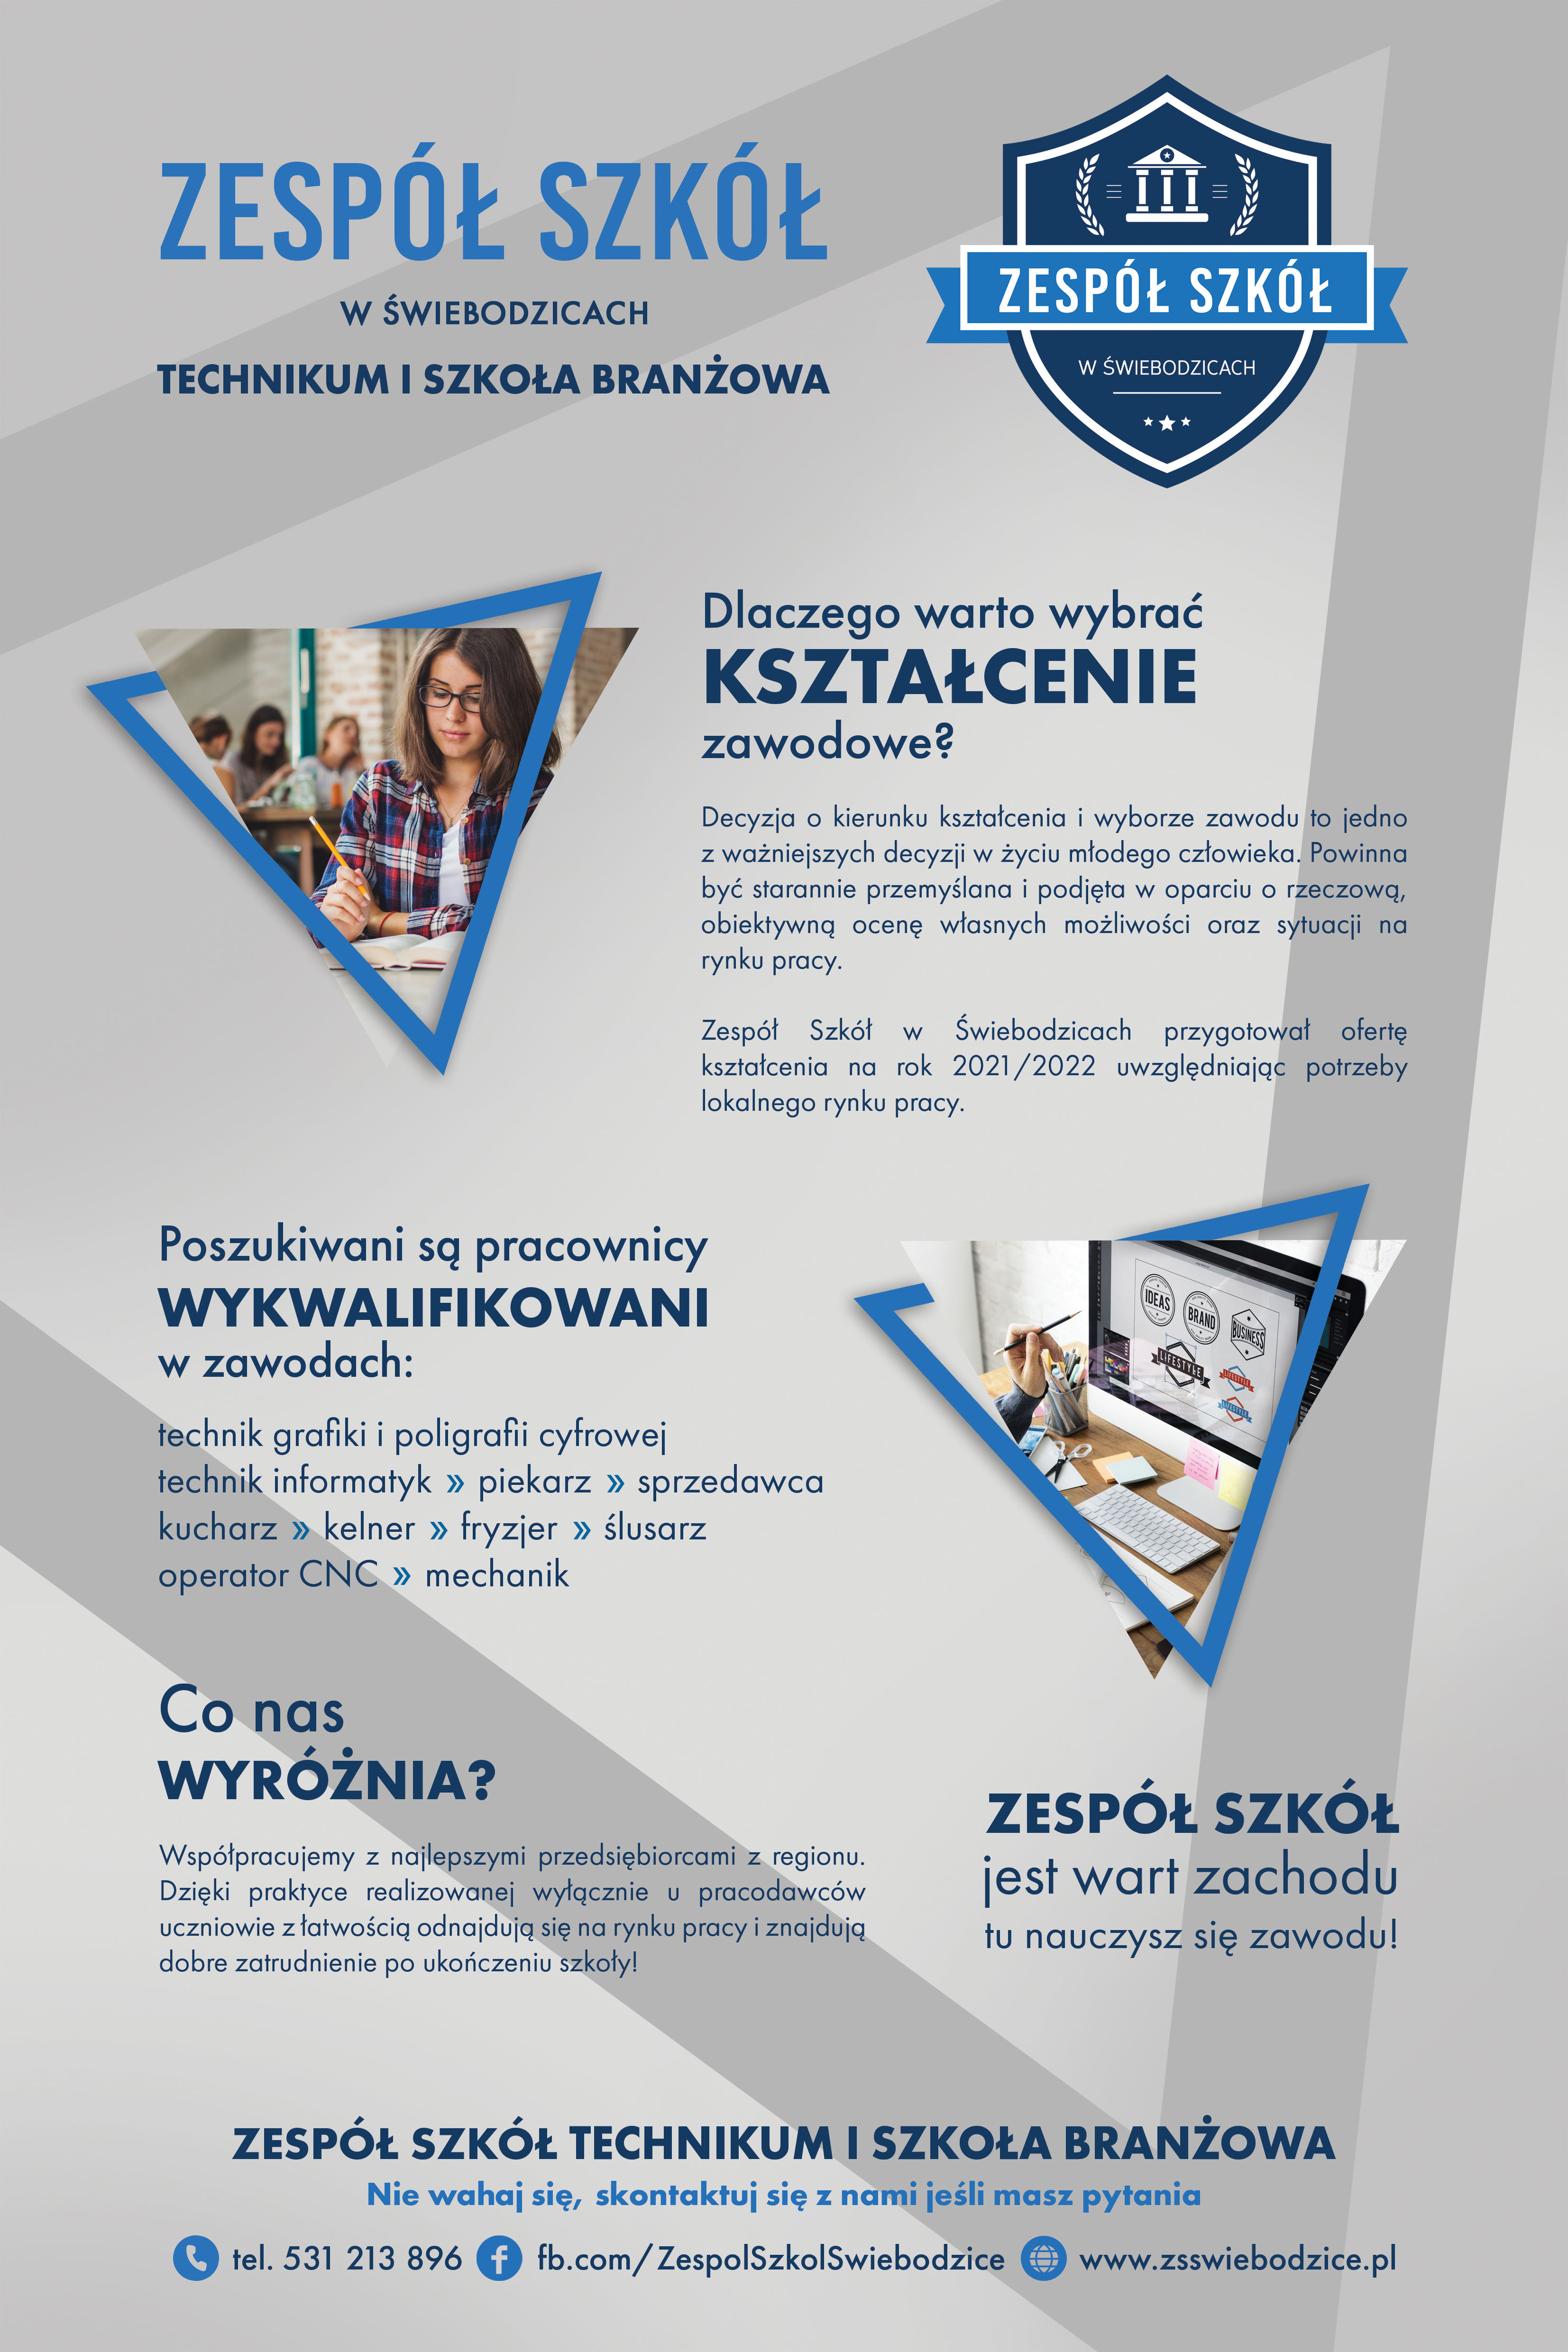 plakat Zespołu Szkół